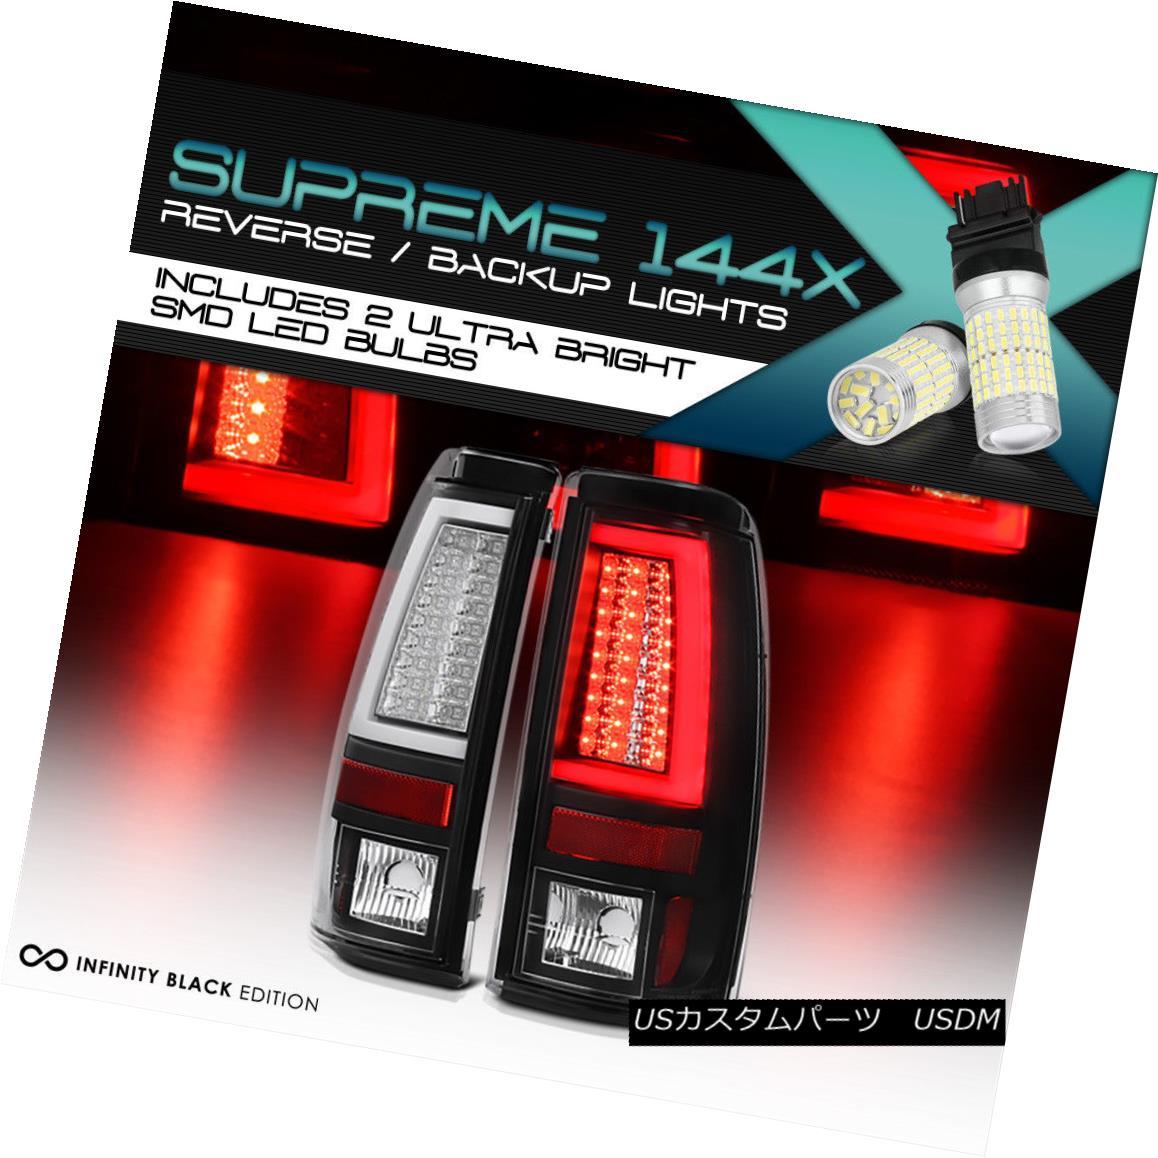 テールライト {360 Degree SMD Backup} 1999-2002 Chevy Silverado OLED NEON TUBE